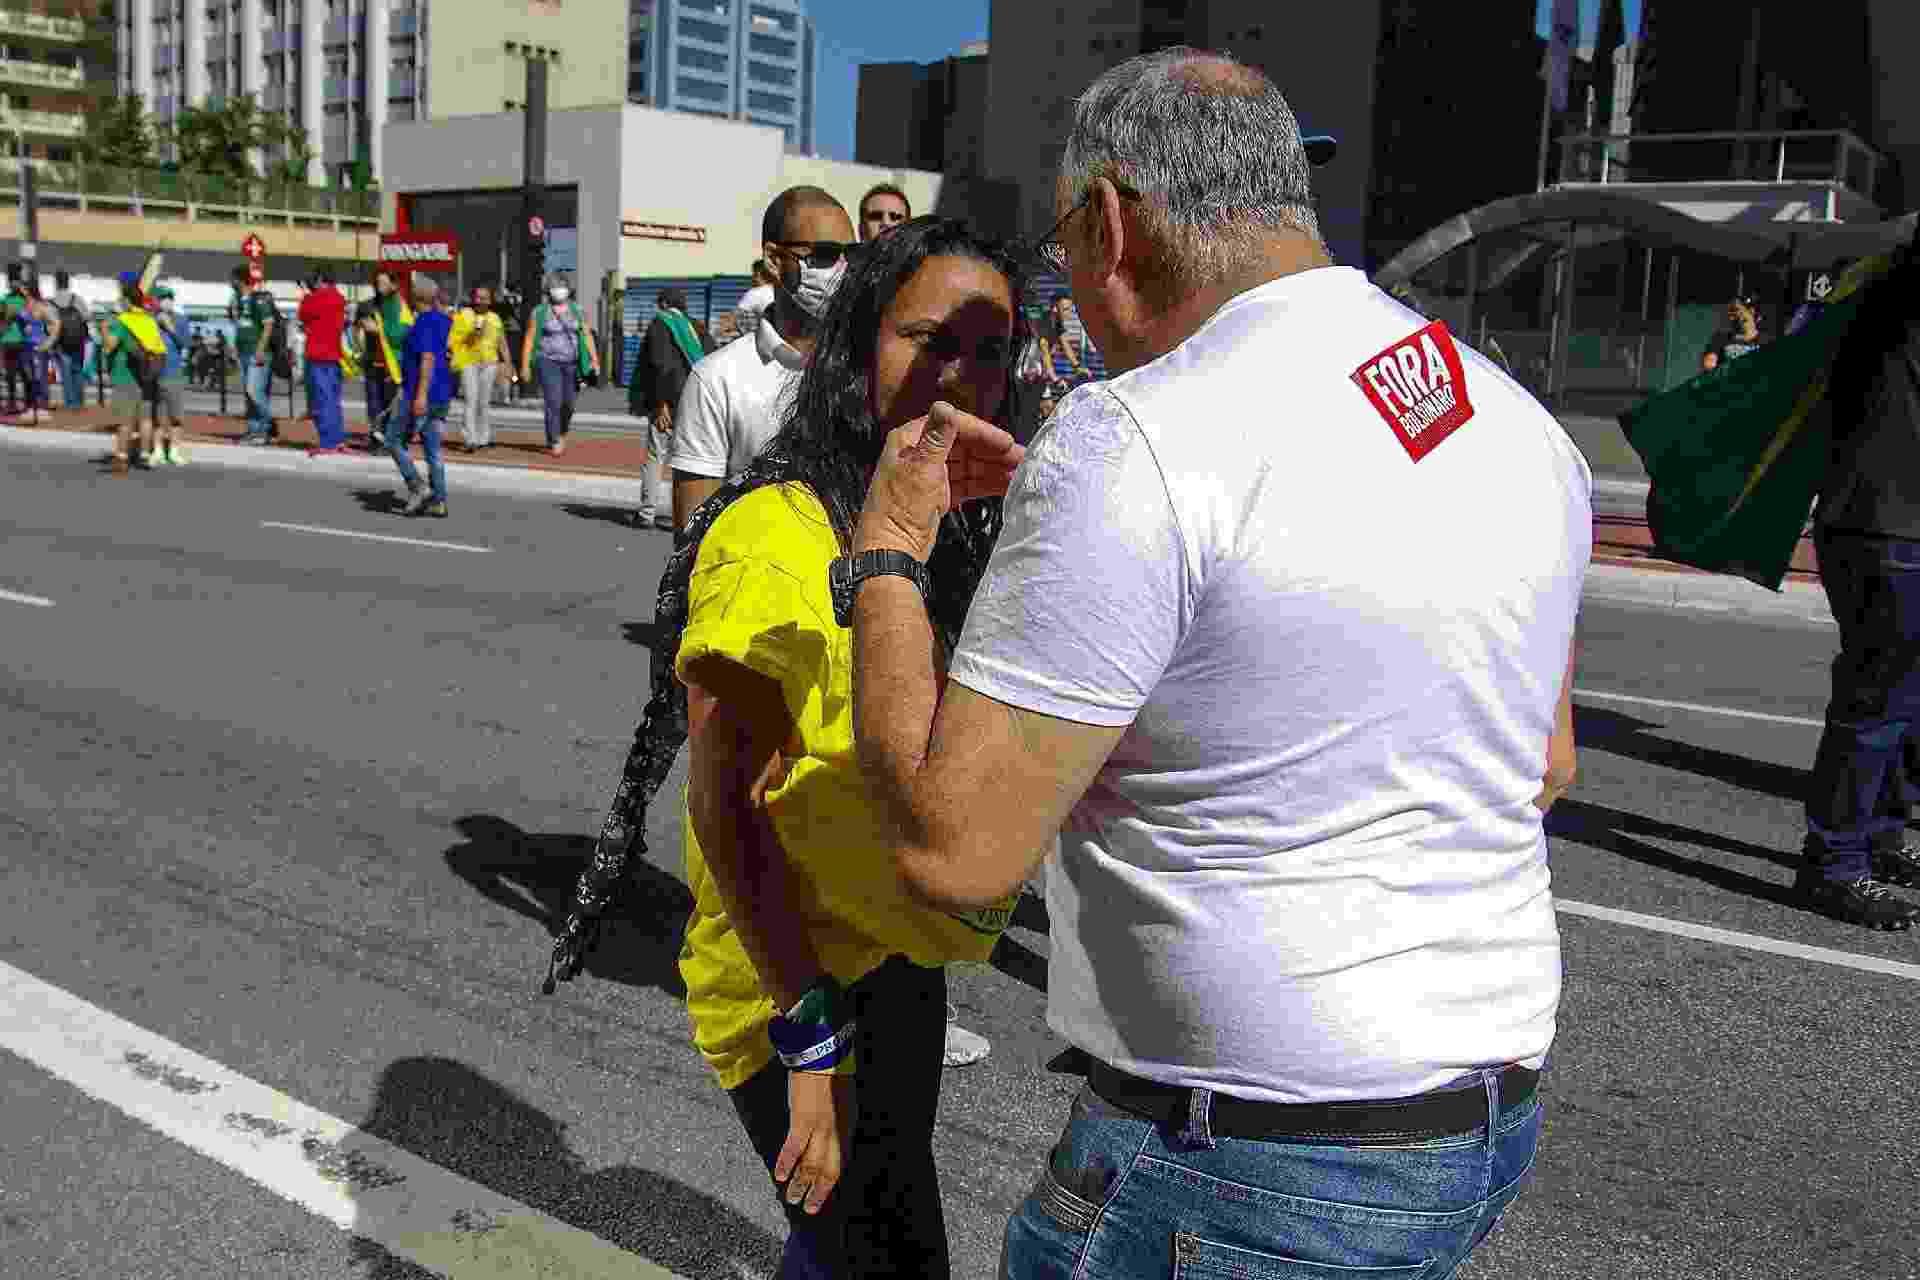 31.mai.2020 - Manifestantes com posições opostas discutem na avenida Paulista, em São Paulo - Roberto Sungi/Futura Press/Estadão Conteúdo